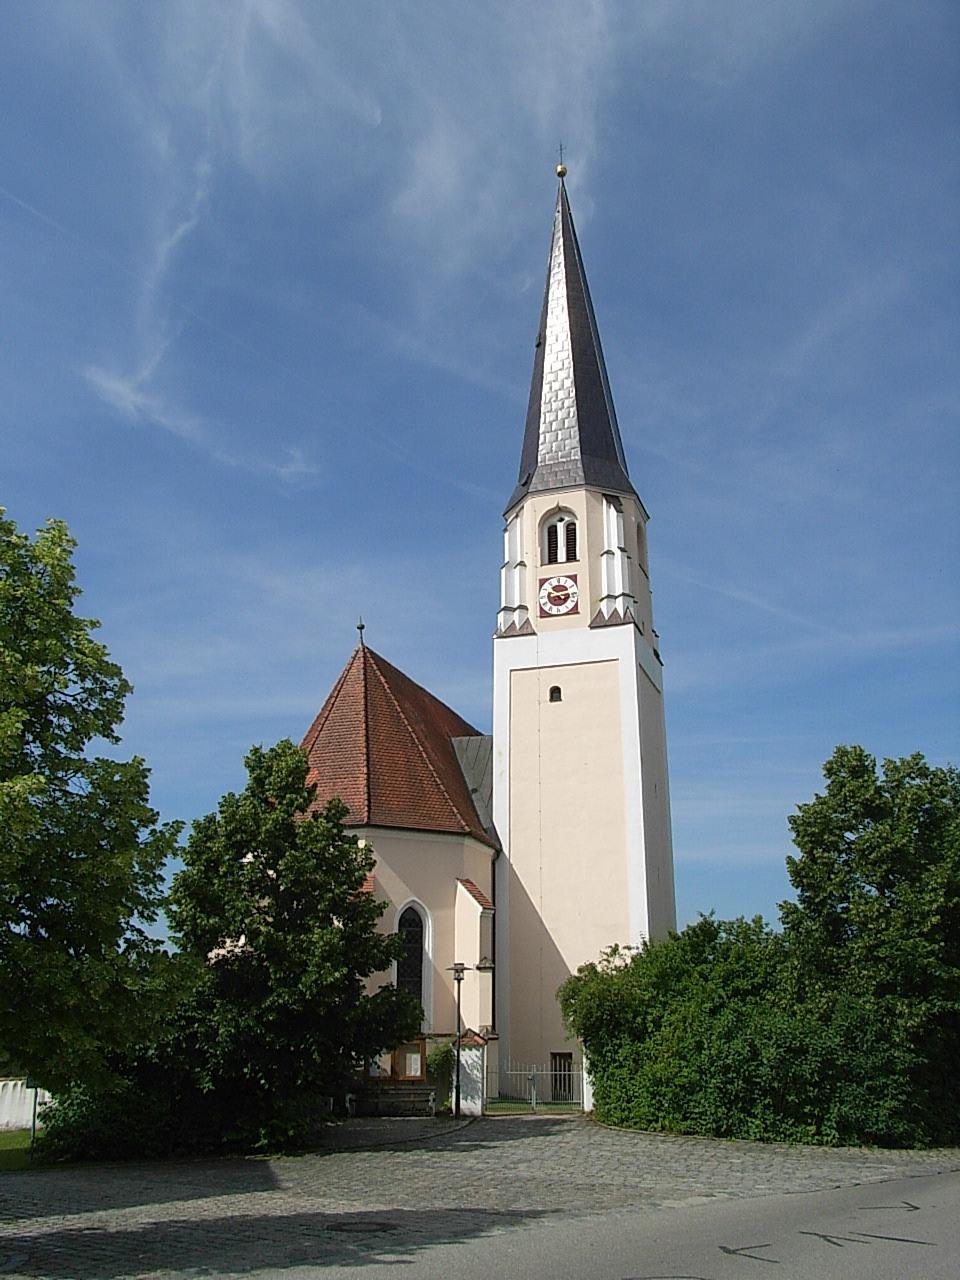 Pfarrkirche Dietersburg